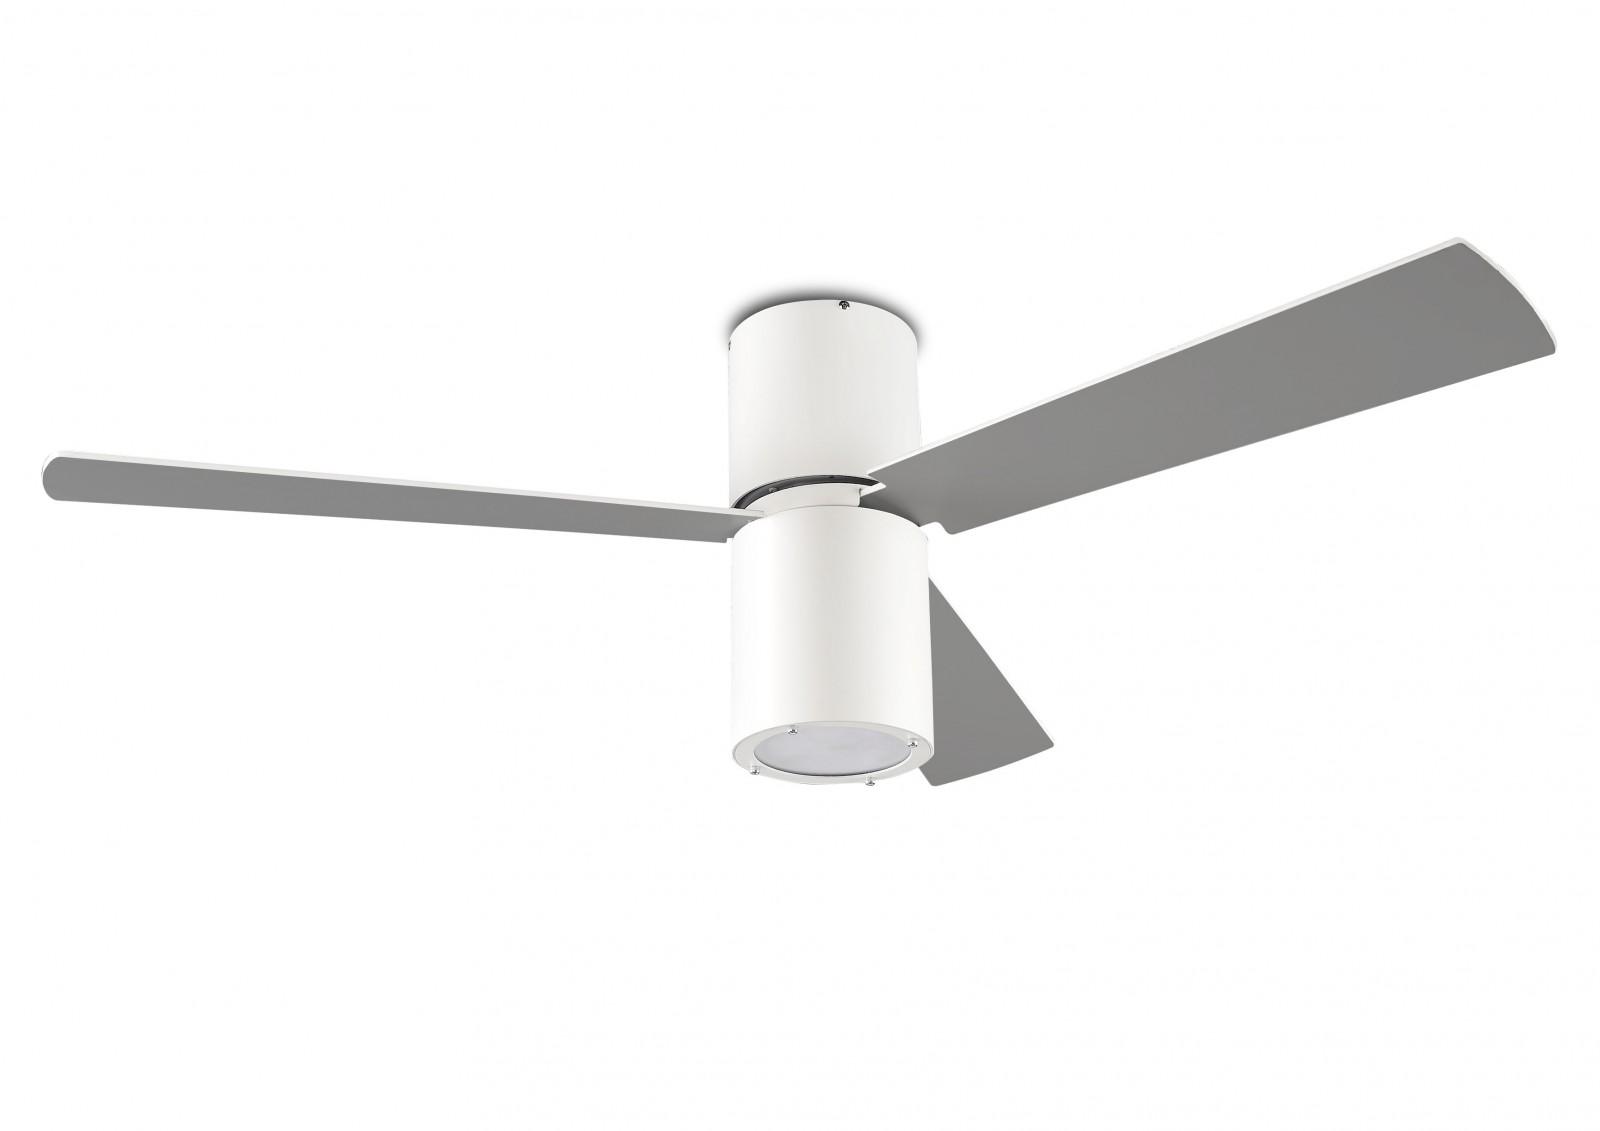 Design Deckenventilator Formentera Weiß Inklusive LED  Beleuchtung 132 Cm  Von LEDS C4 Great Ideas